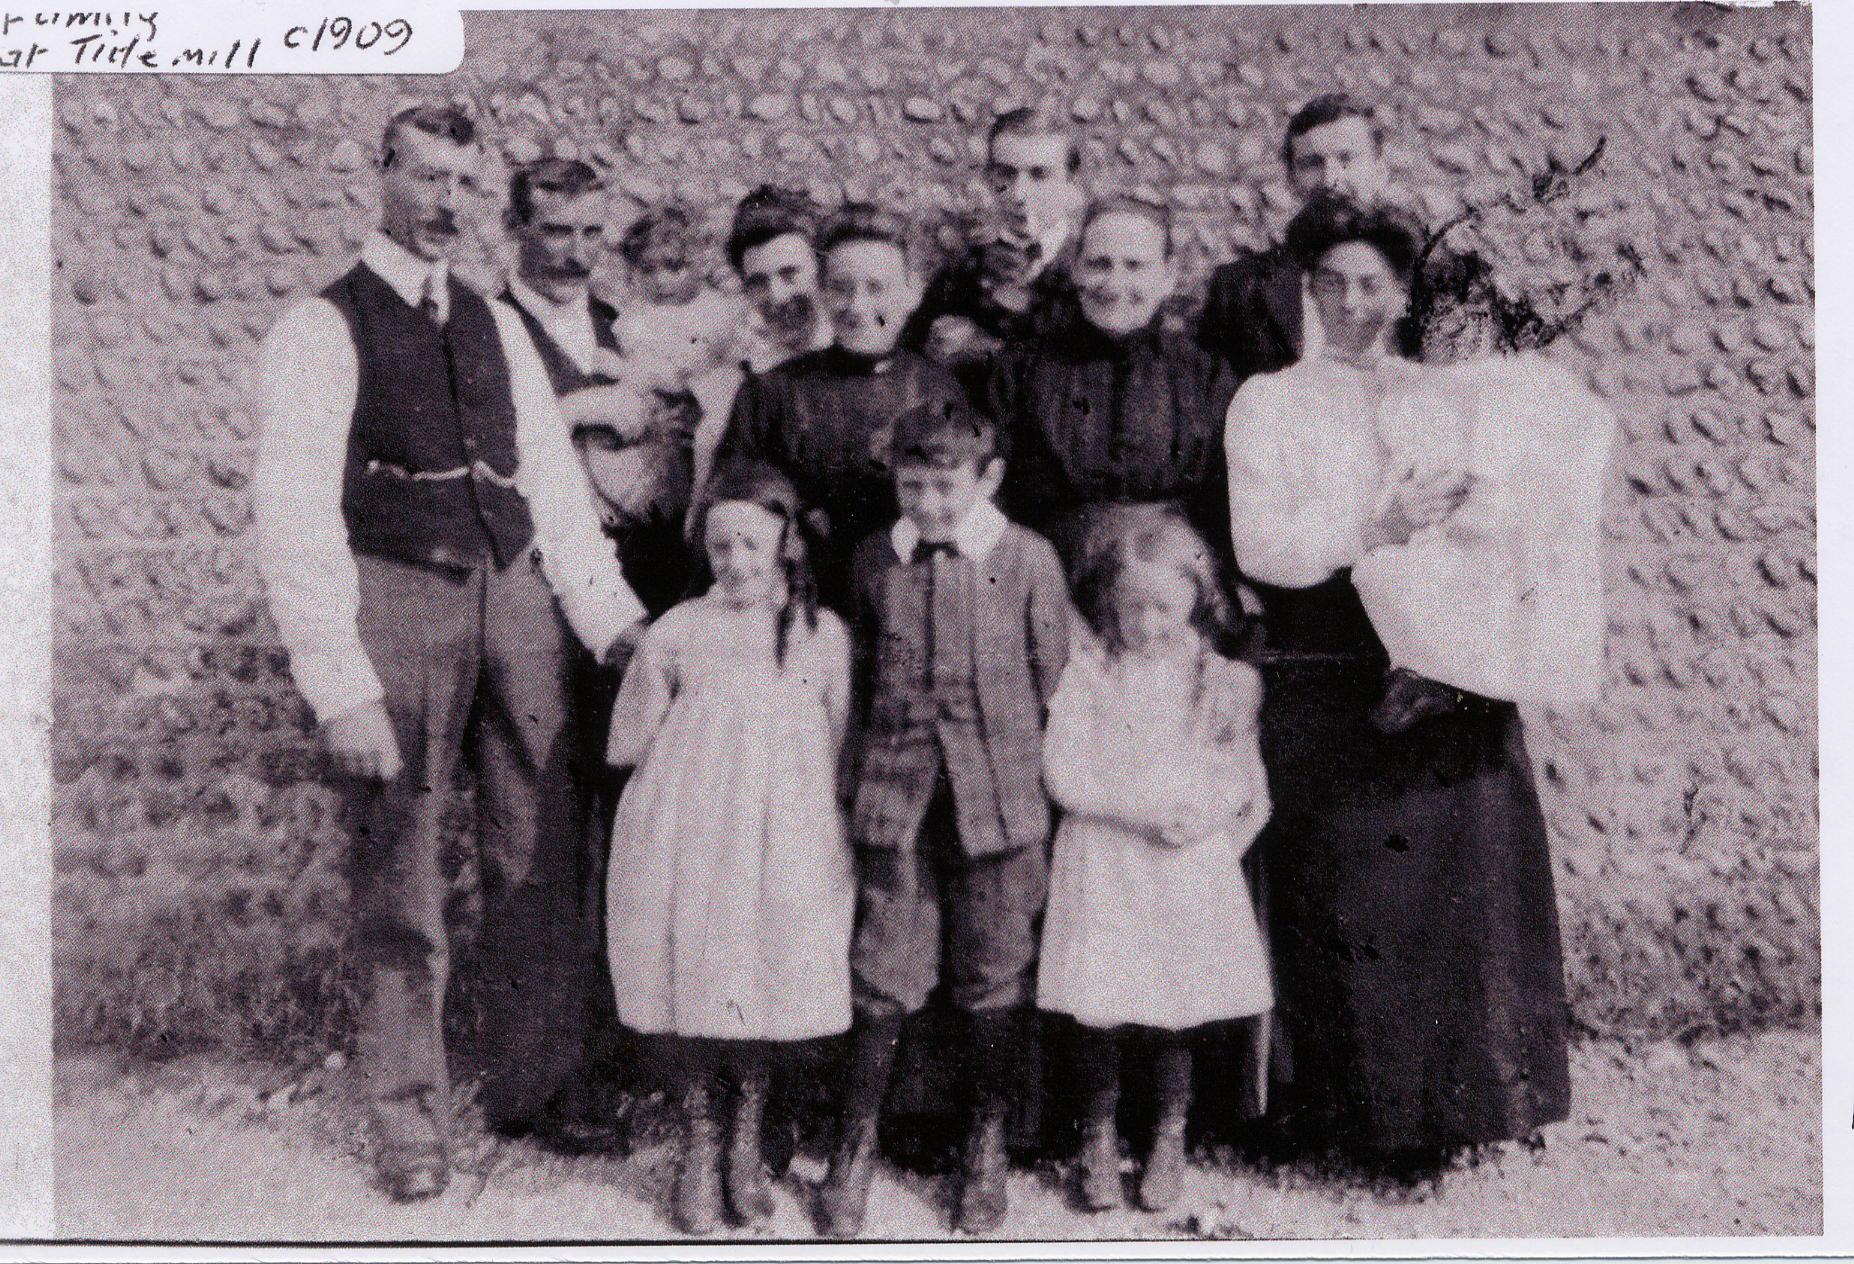 Geerings 1909